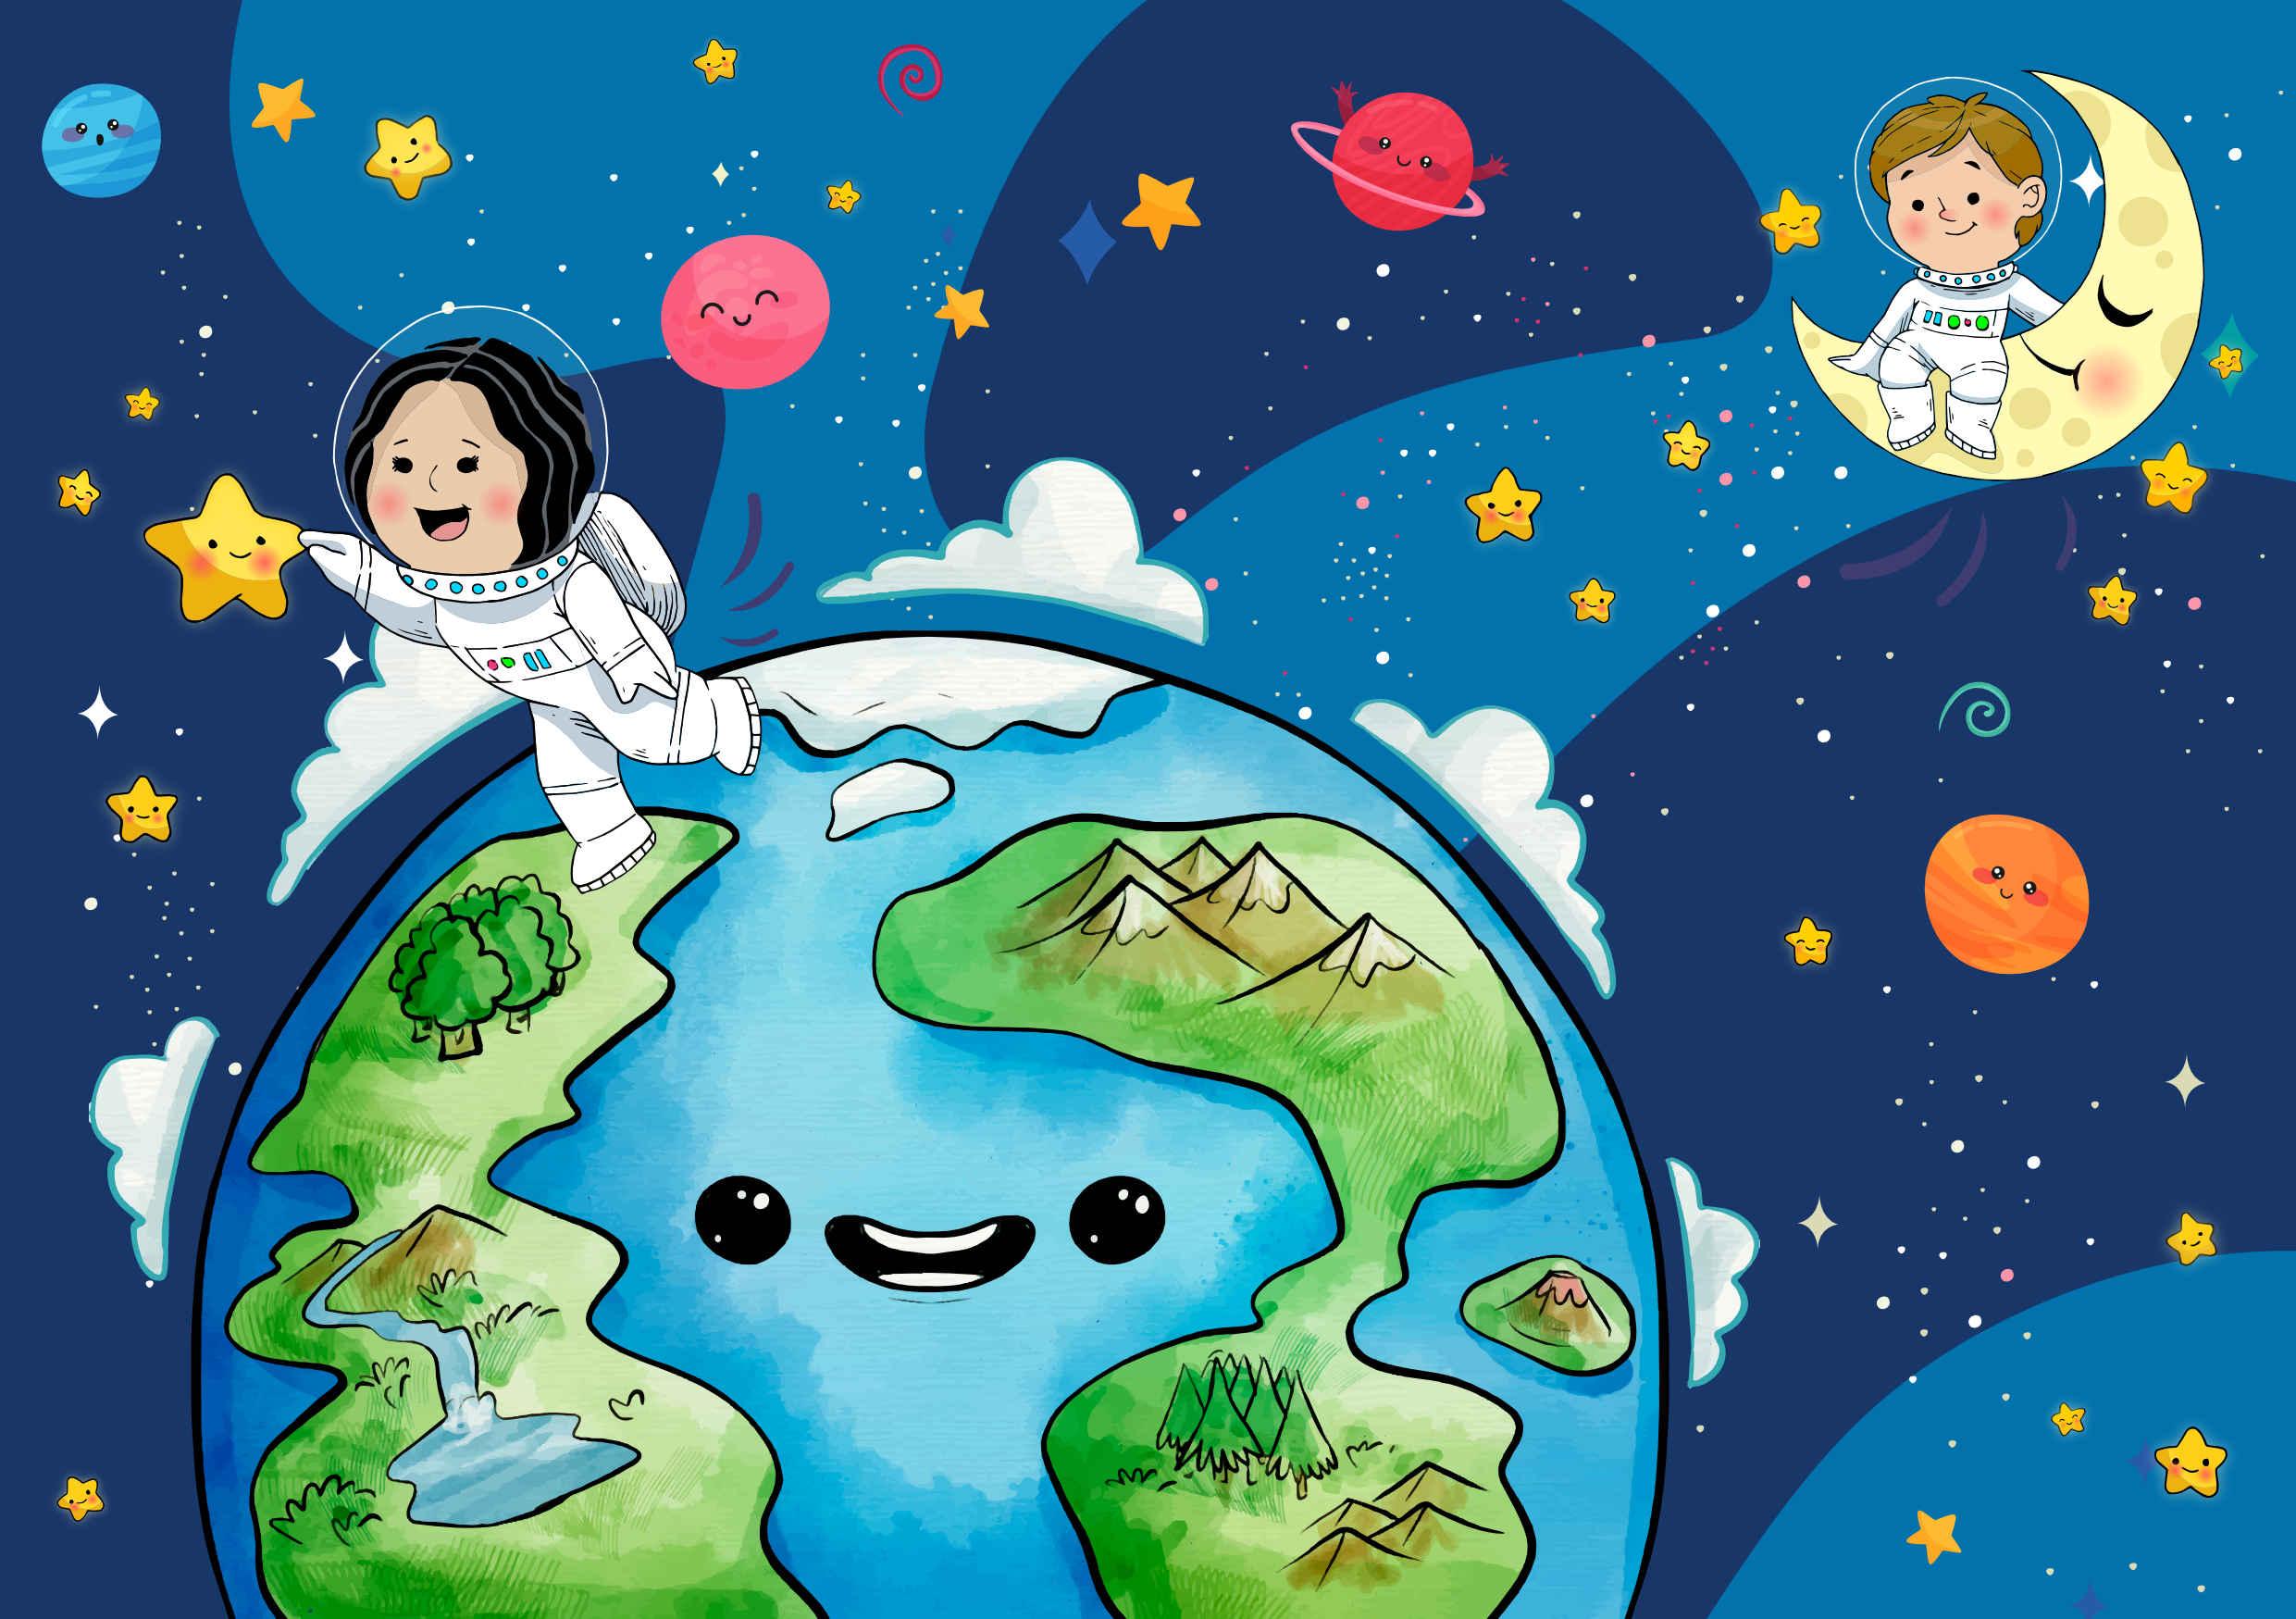 Oslavte Den dětí hrami, díky nimž lépe poznají planetu Zemi